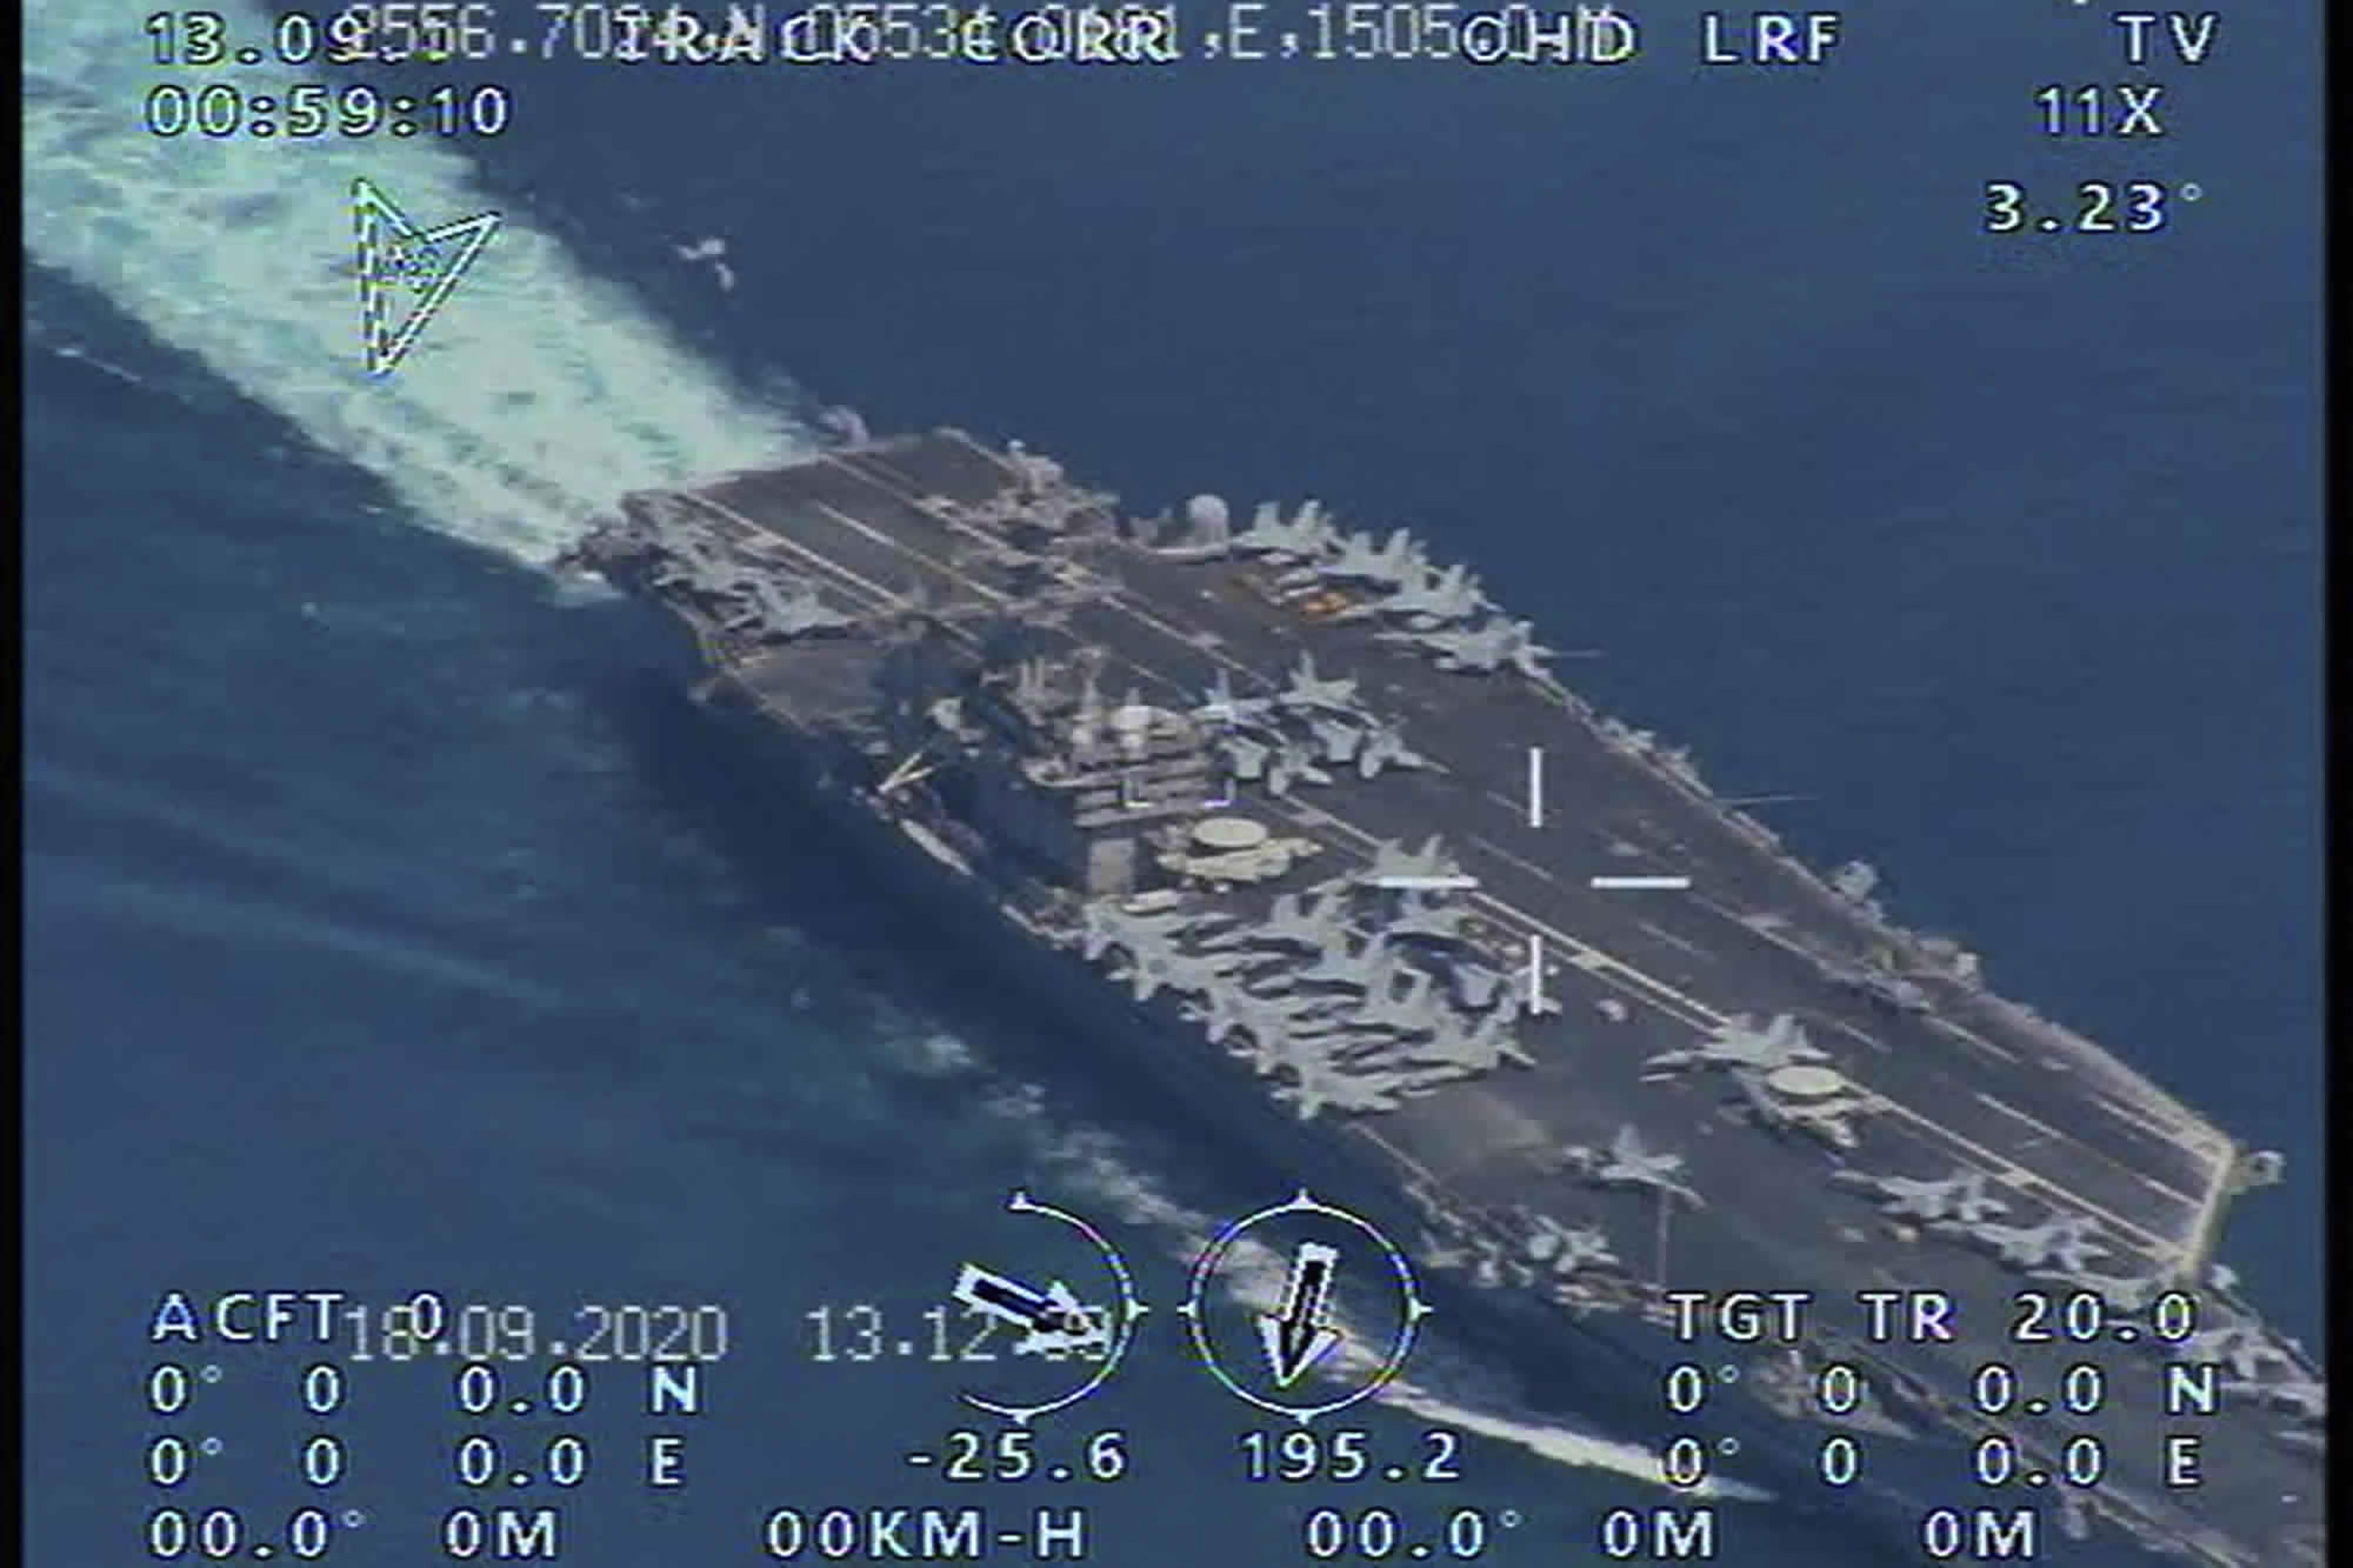 مسؤولون اميركيون أكدوا أن تواجد نيميتز قرب الخليج يأتي في إطار ردع أي هجمات قد تشنها إيران